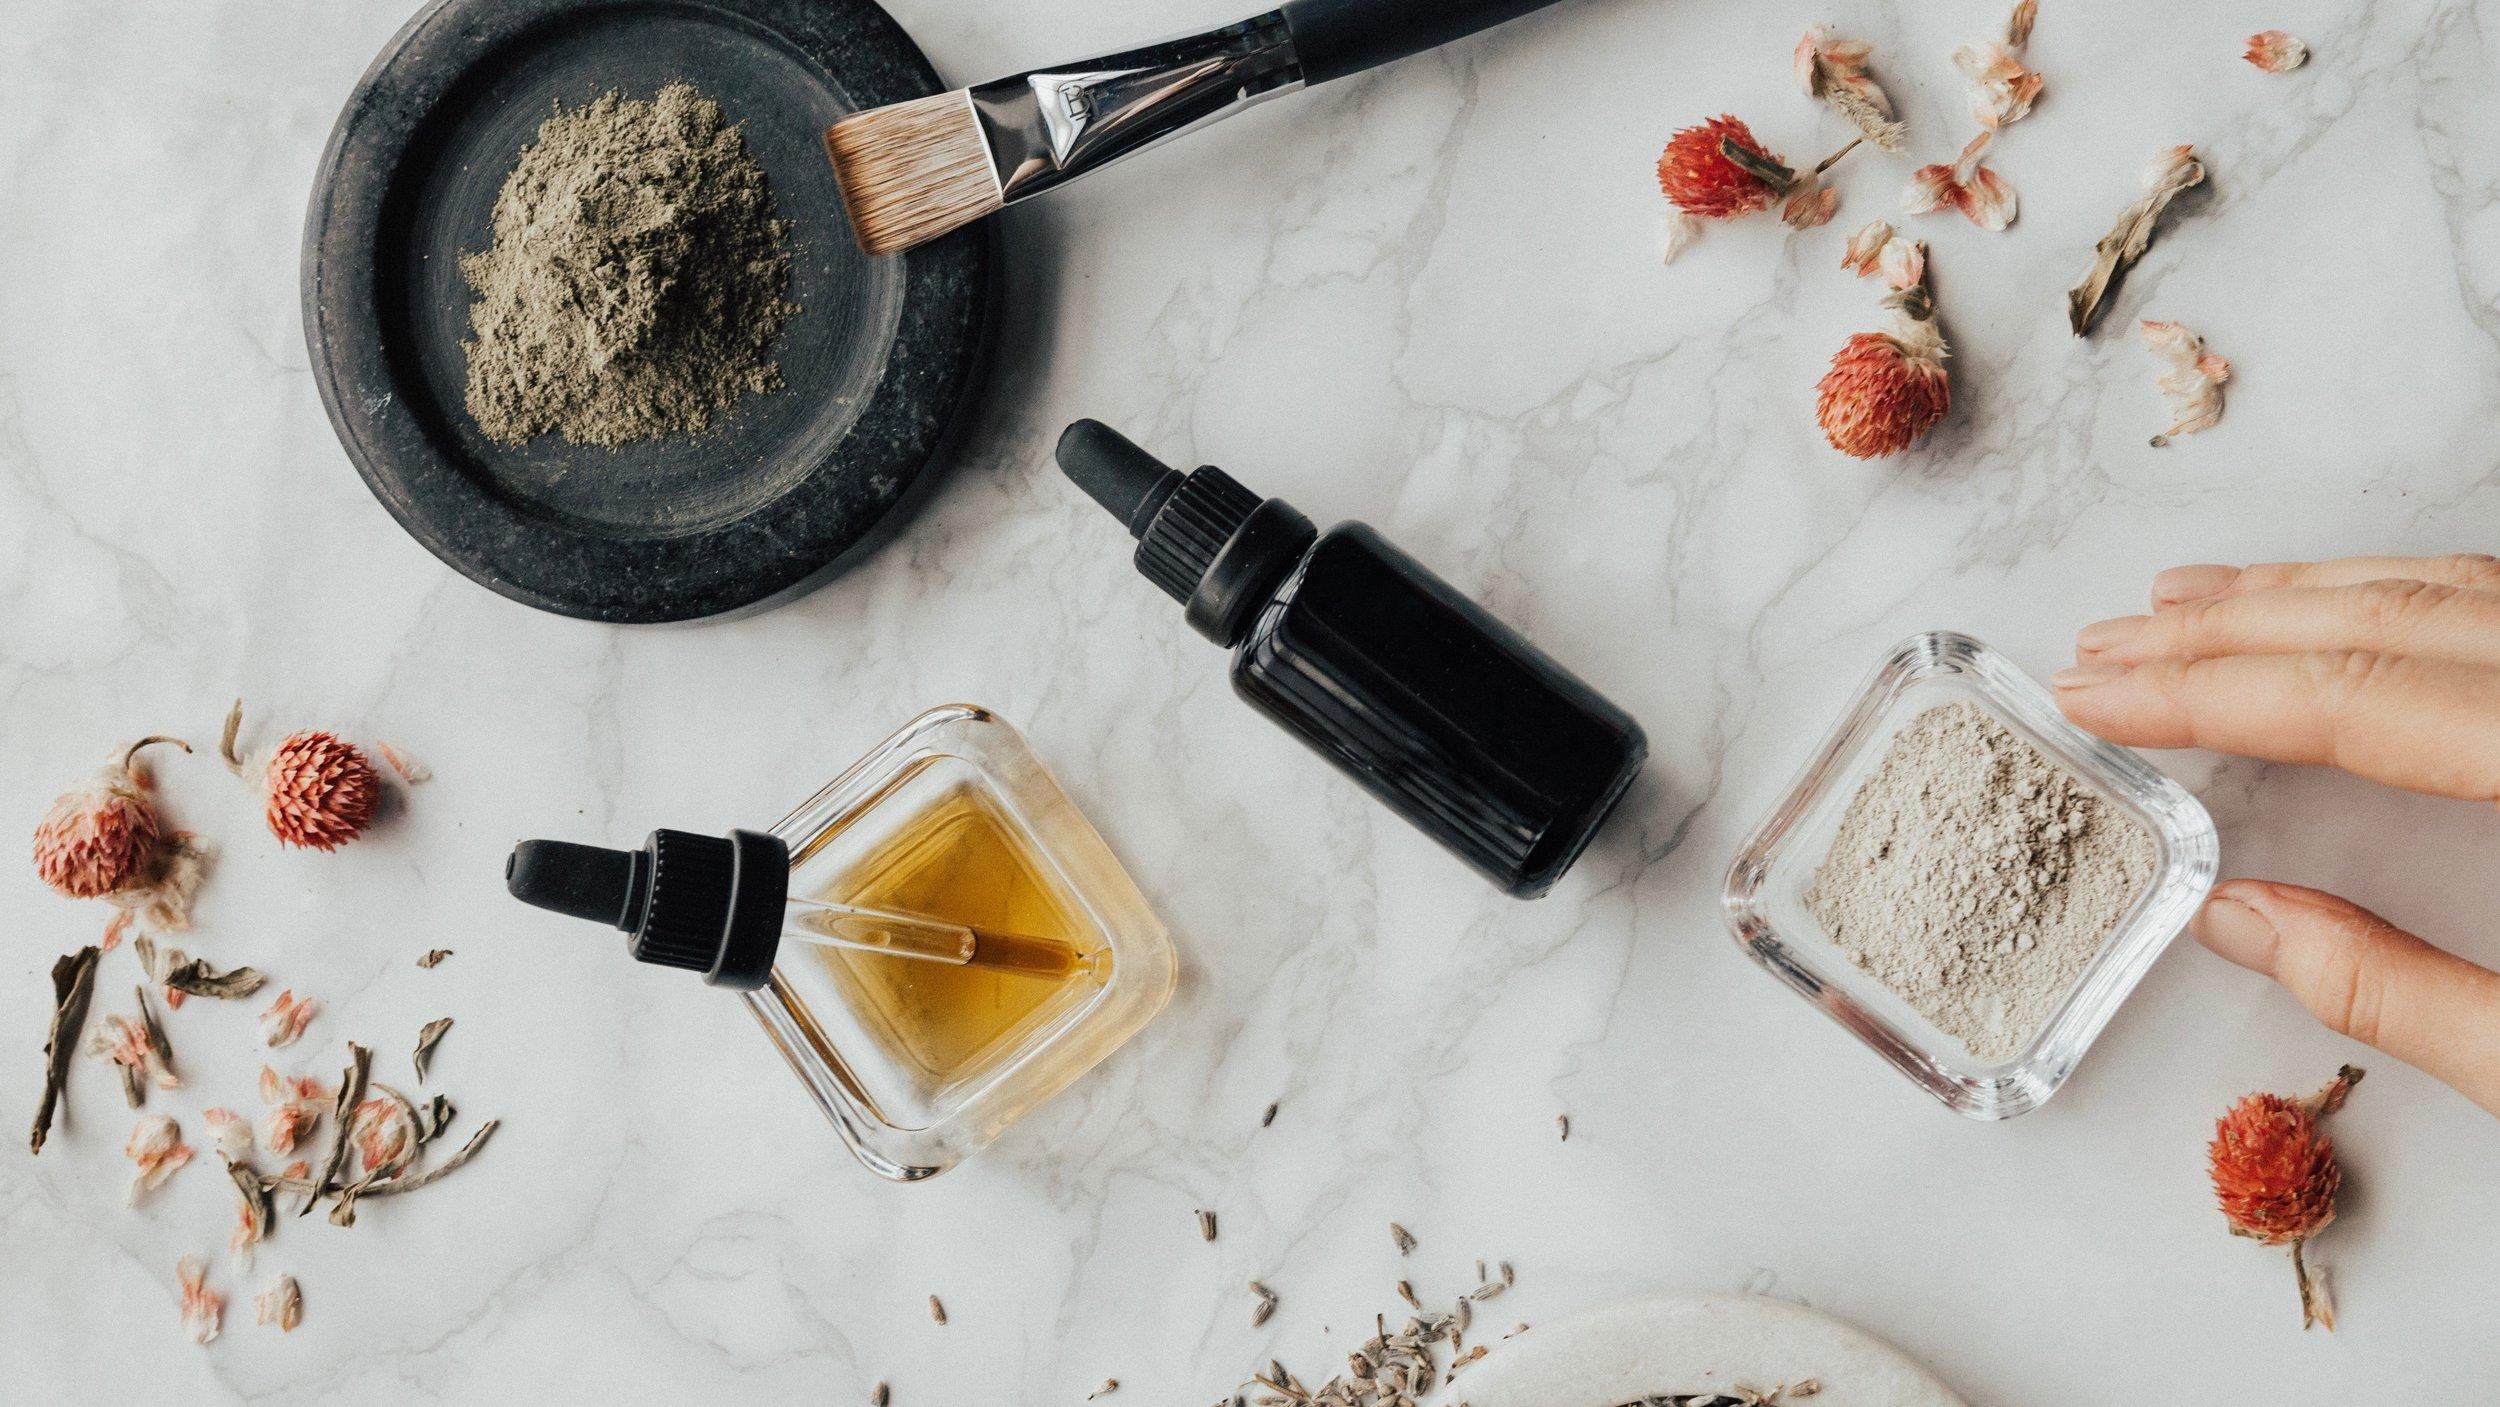 aroma-aromatherapy-aromatic-1619488 (2).jpg